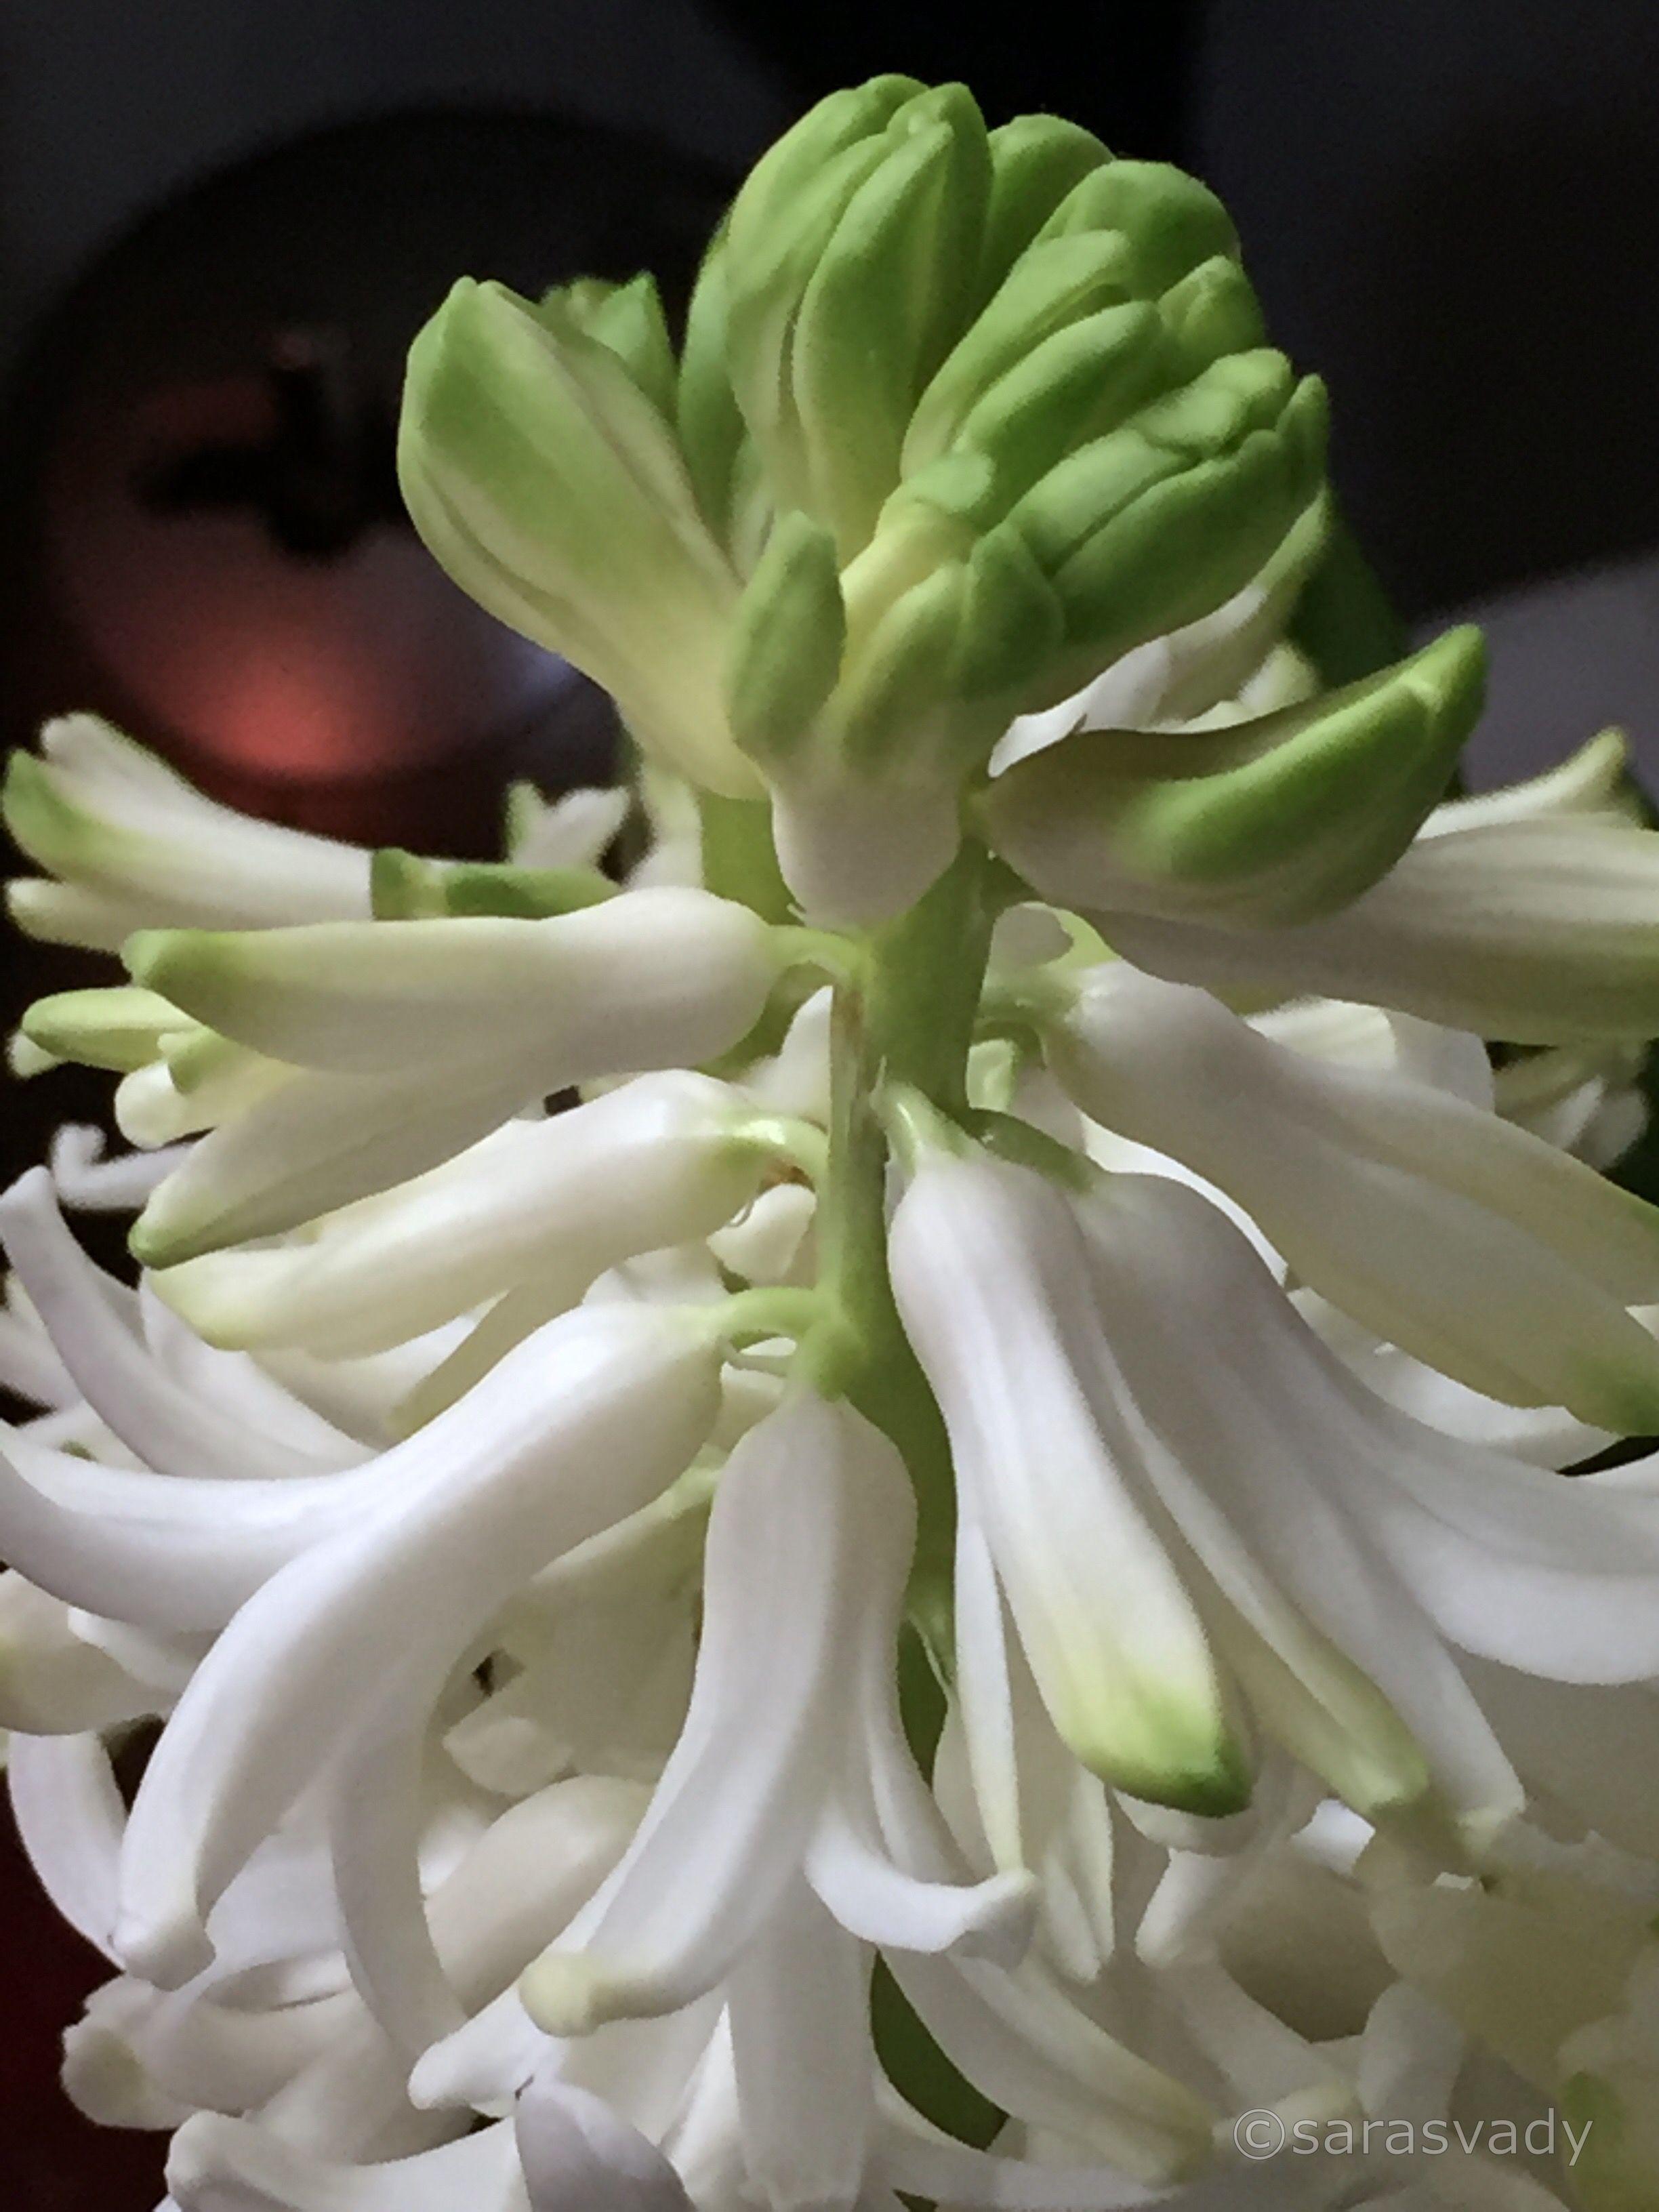 Epingle Par Maria Perez Sur Flores Avec Images Fleurs Fleurs